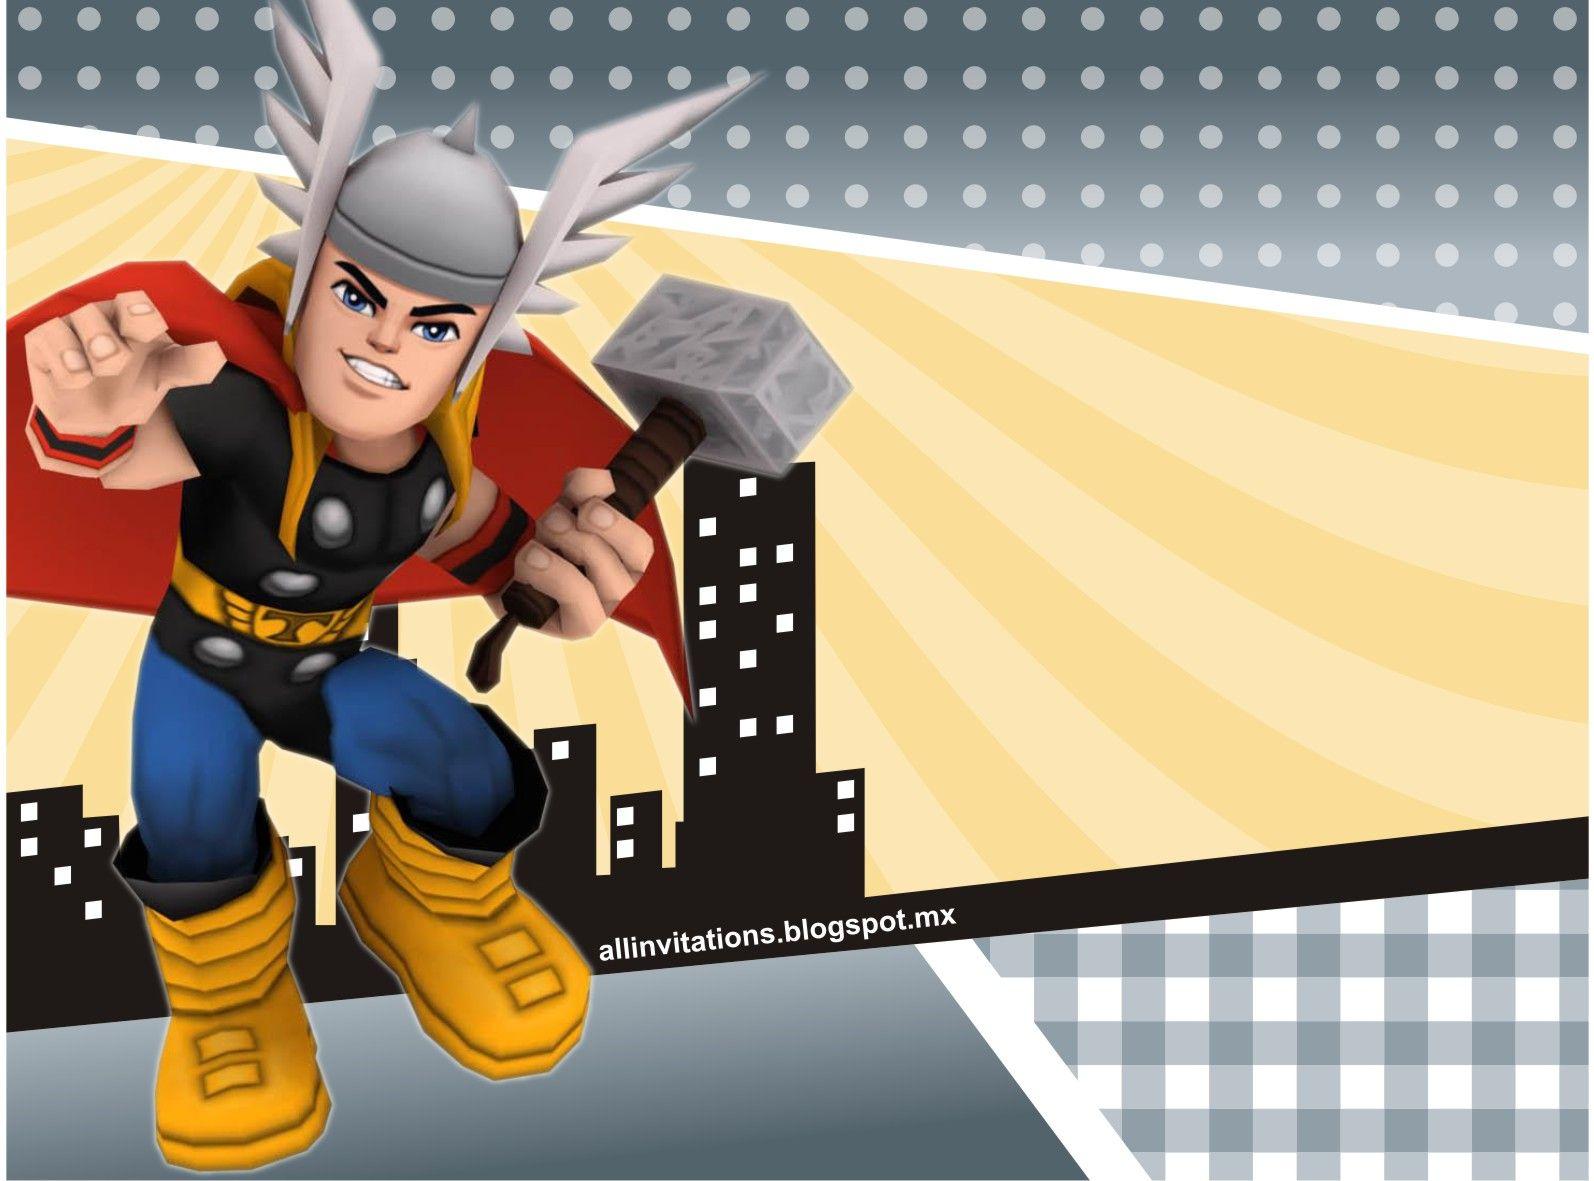 Plantilla invitacion cumpleaños thor | Super hero birthday party in ...